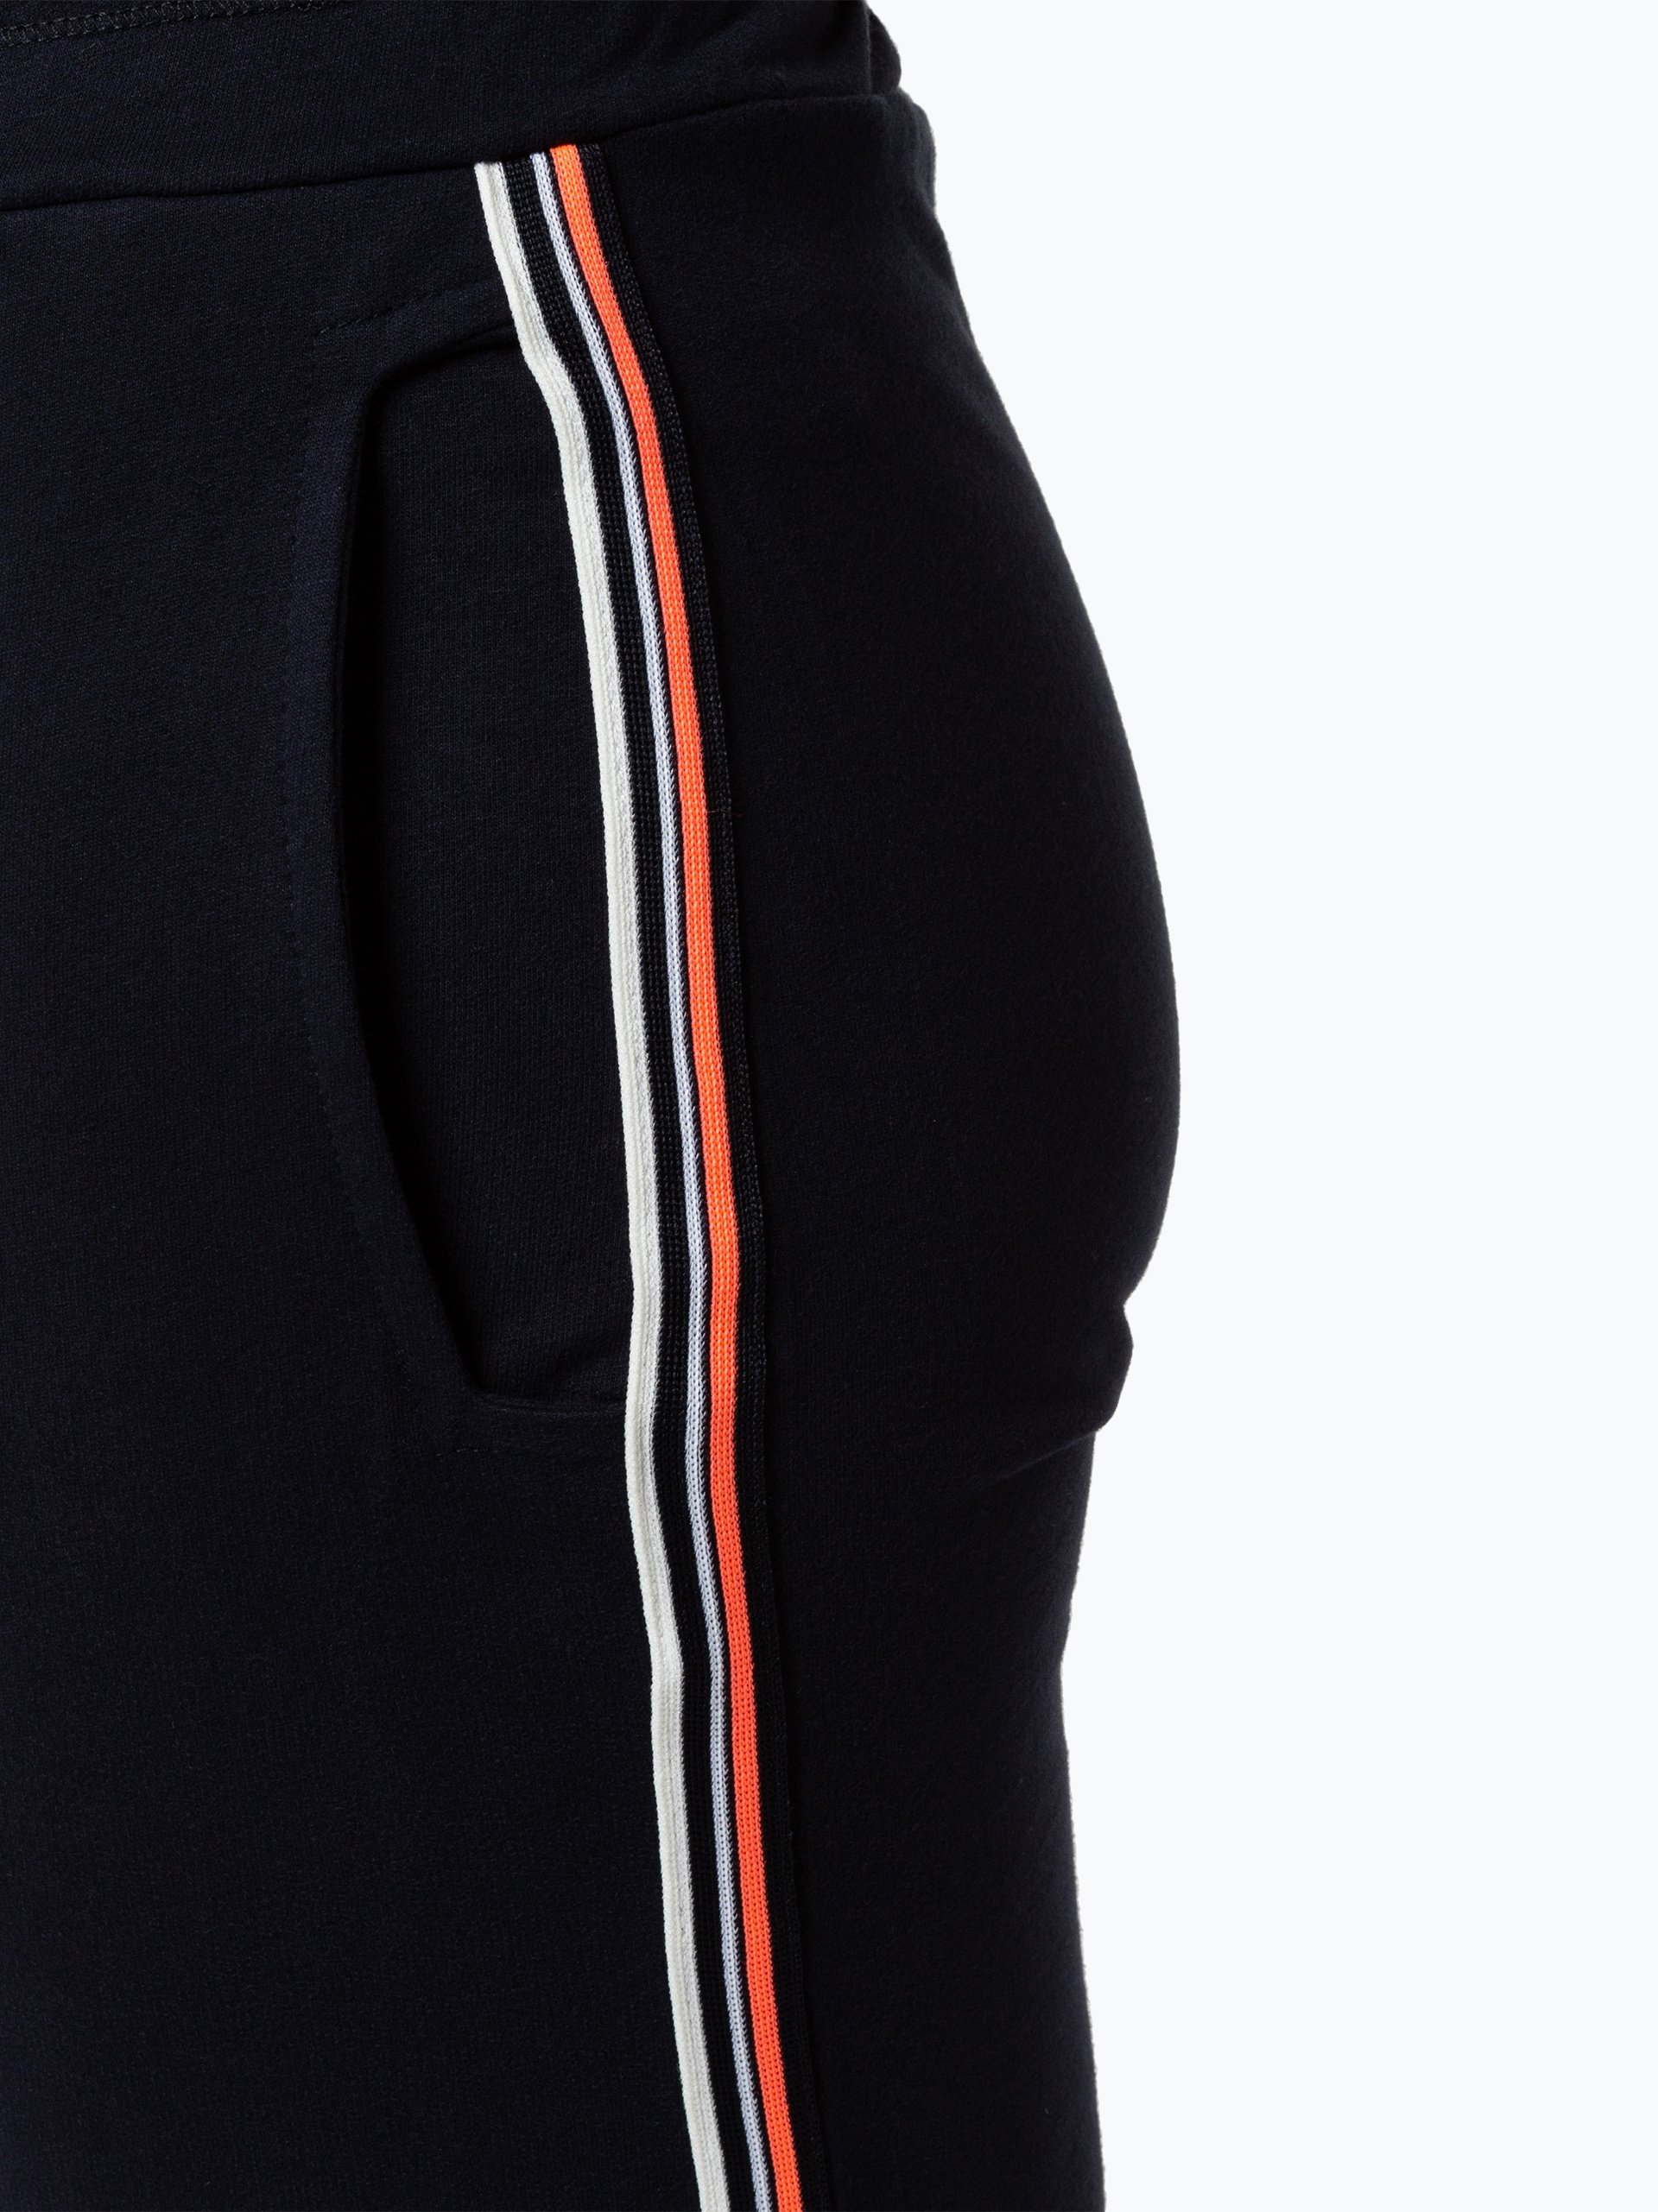 Marie Lund Sport Damskie spodnie dresowe